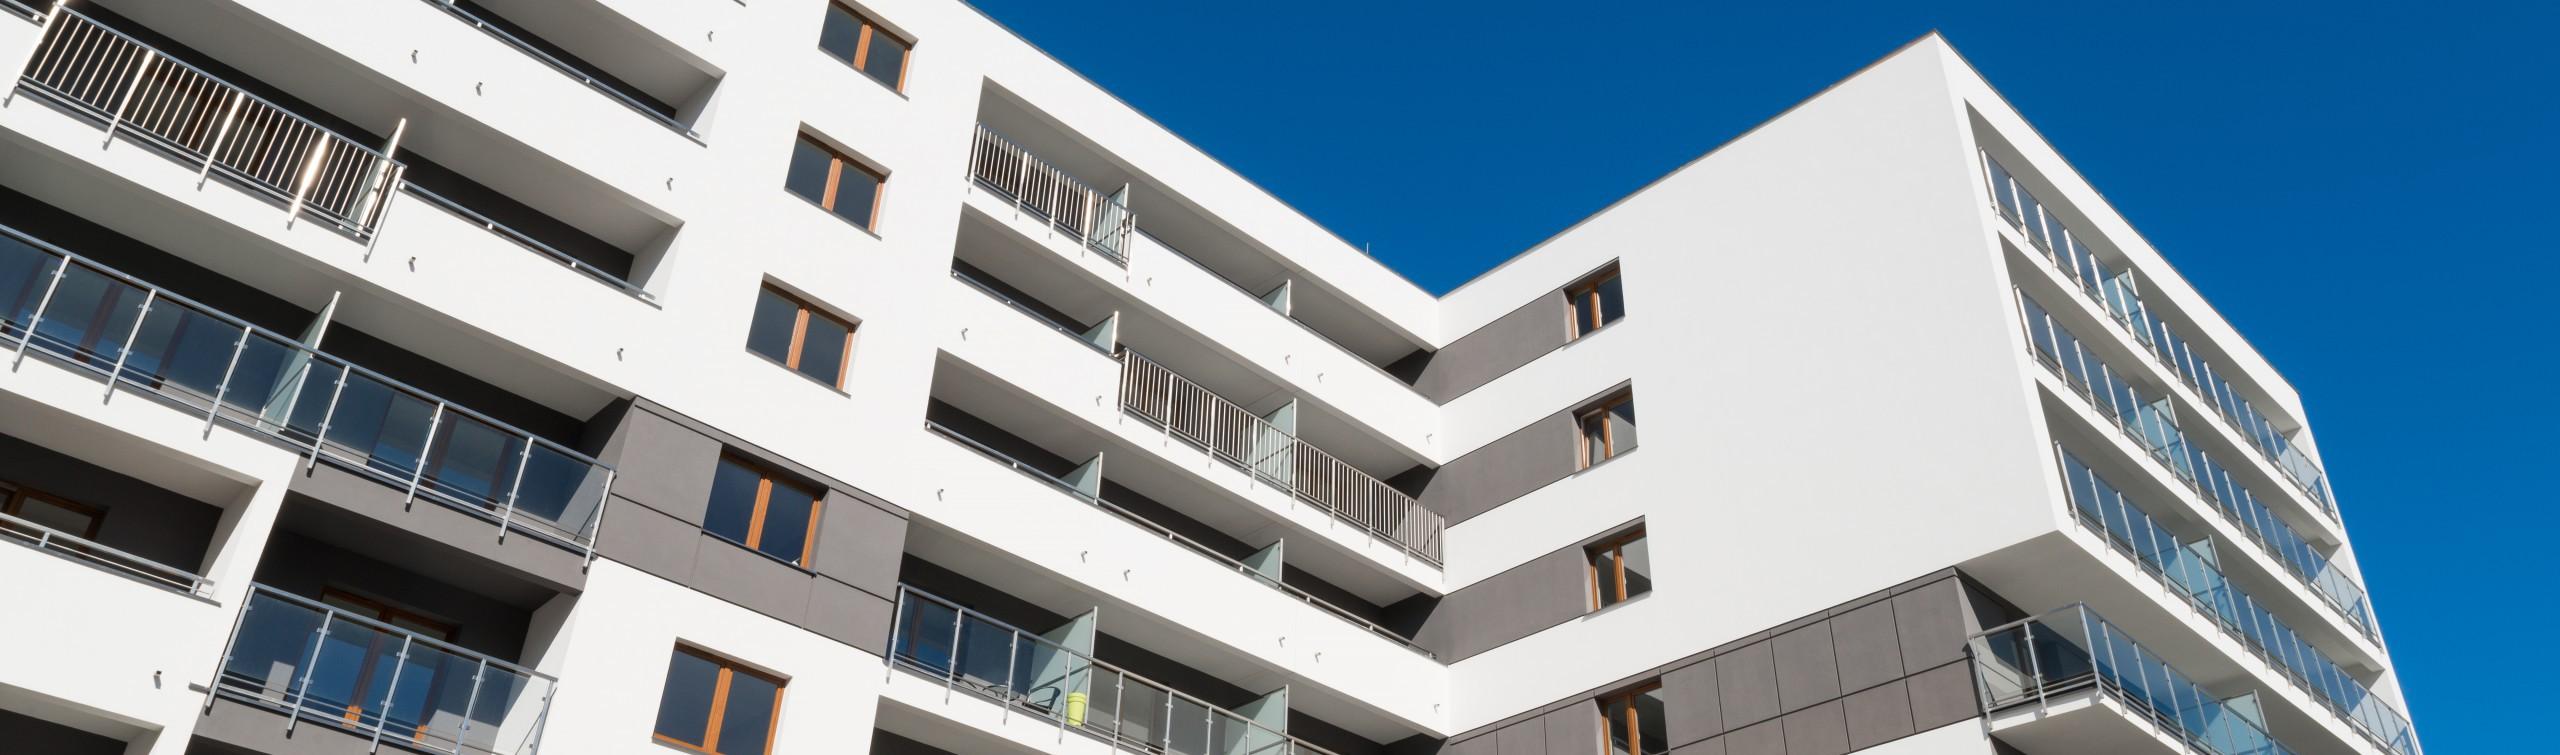 Rechtsanwalt-Berlin-Immobilienrecht